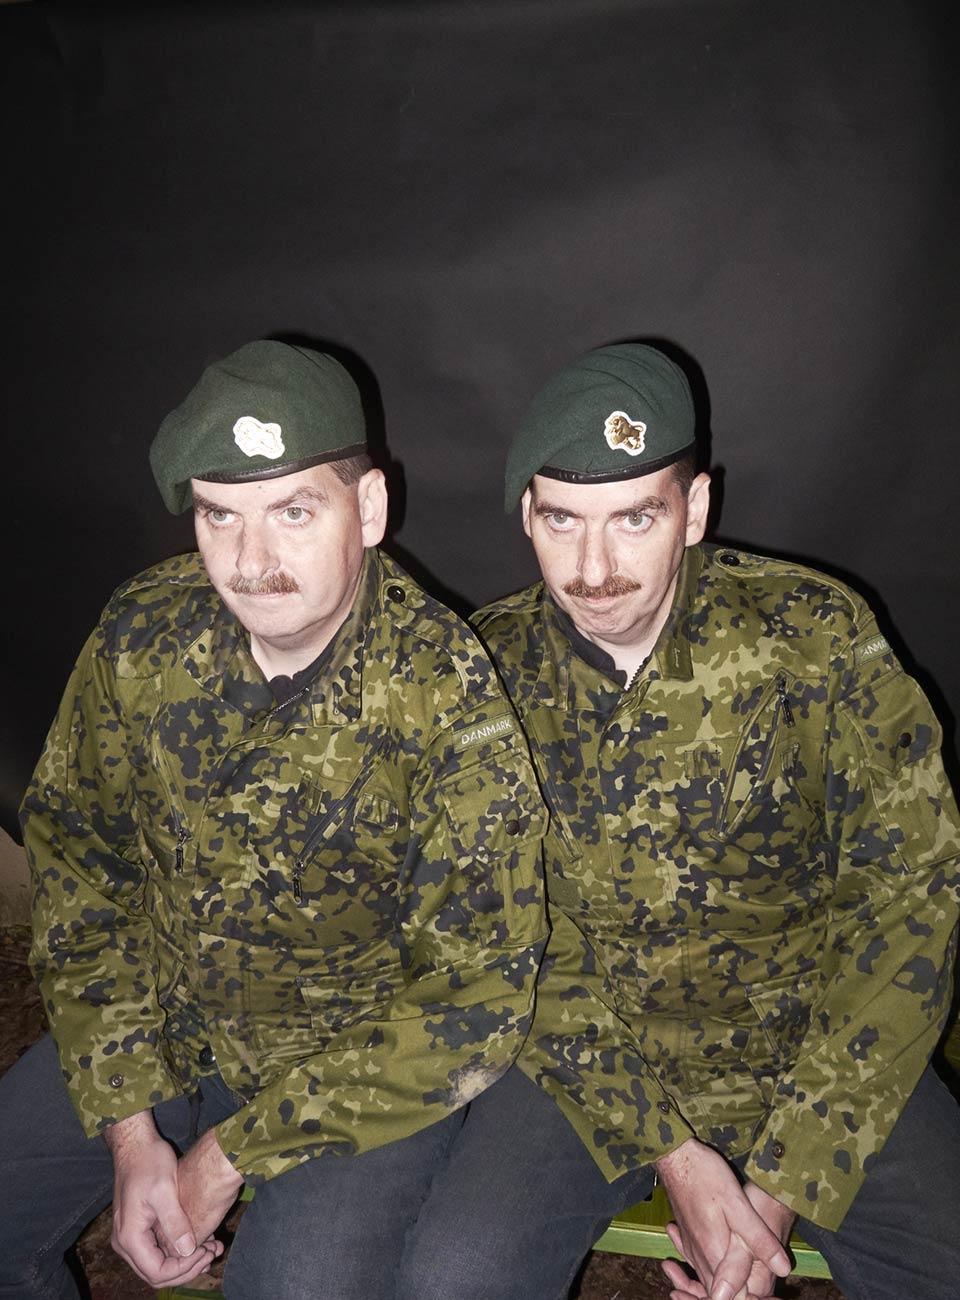 Aus einer Fotoserie über Zwillinge